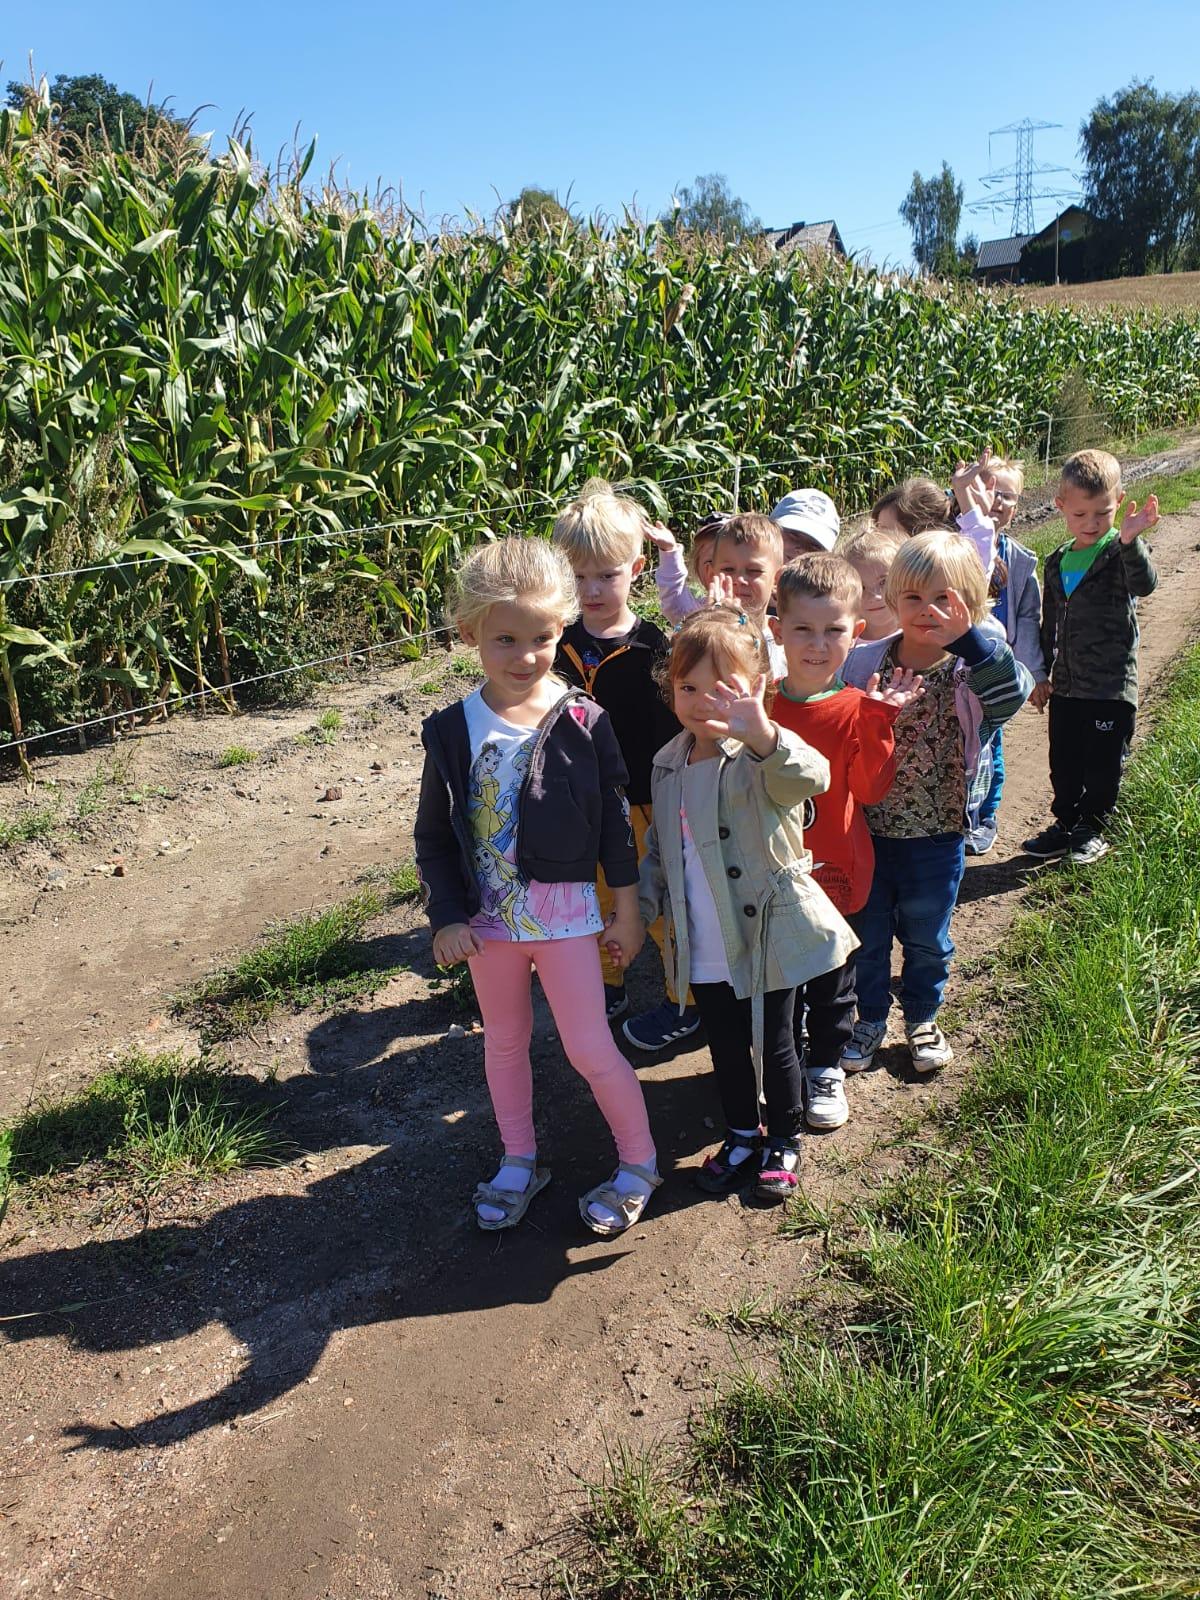 Świeci słońce. Dzieci idą w parach po drodze gruntowej obok pola kukurydzy.